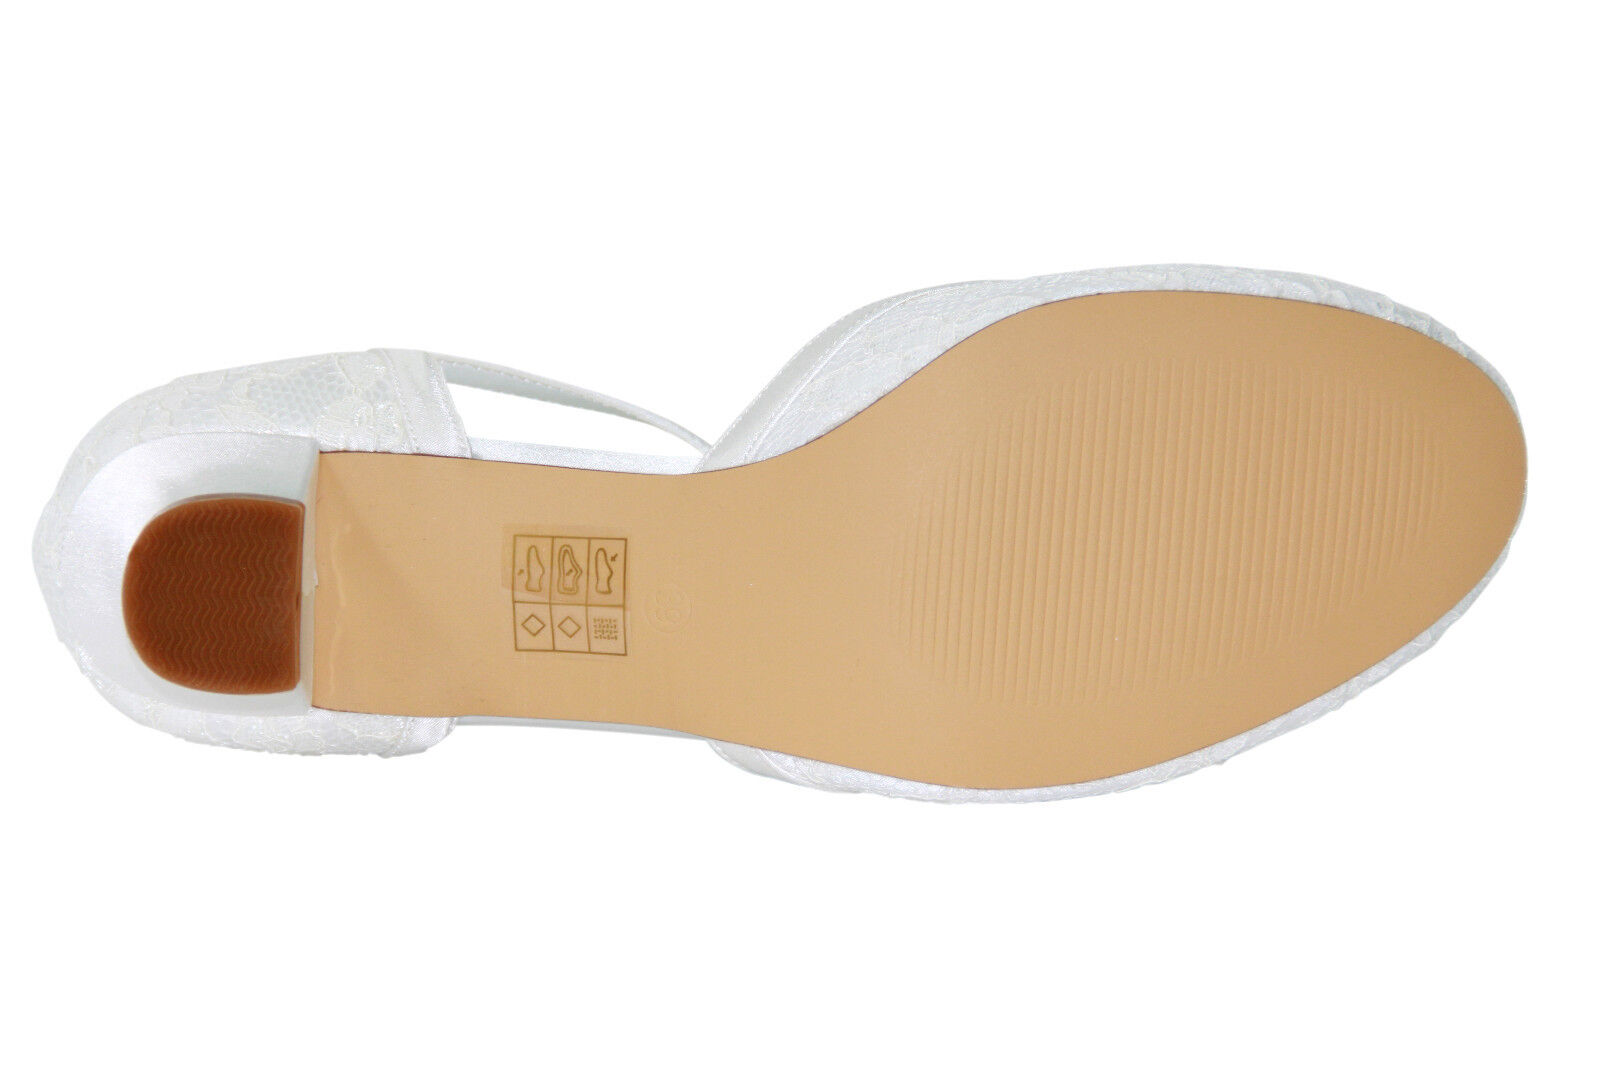 HBH Satin Brautschuhe, ausgepolstert, mit Lederriemchen, 3cm Absatz, Absatz, Absatz, Farbe Ivory | Moderne und elegante Mode  47af4a